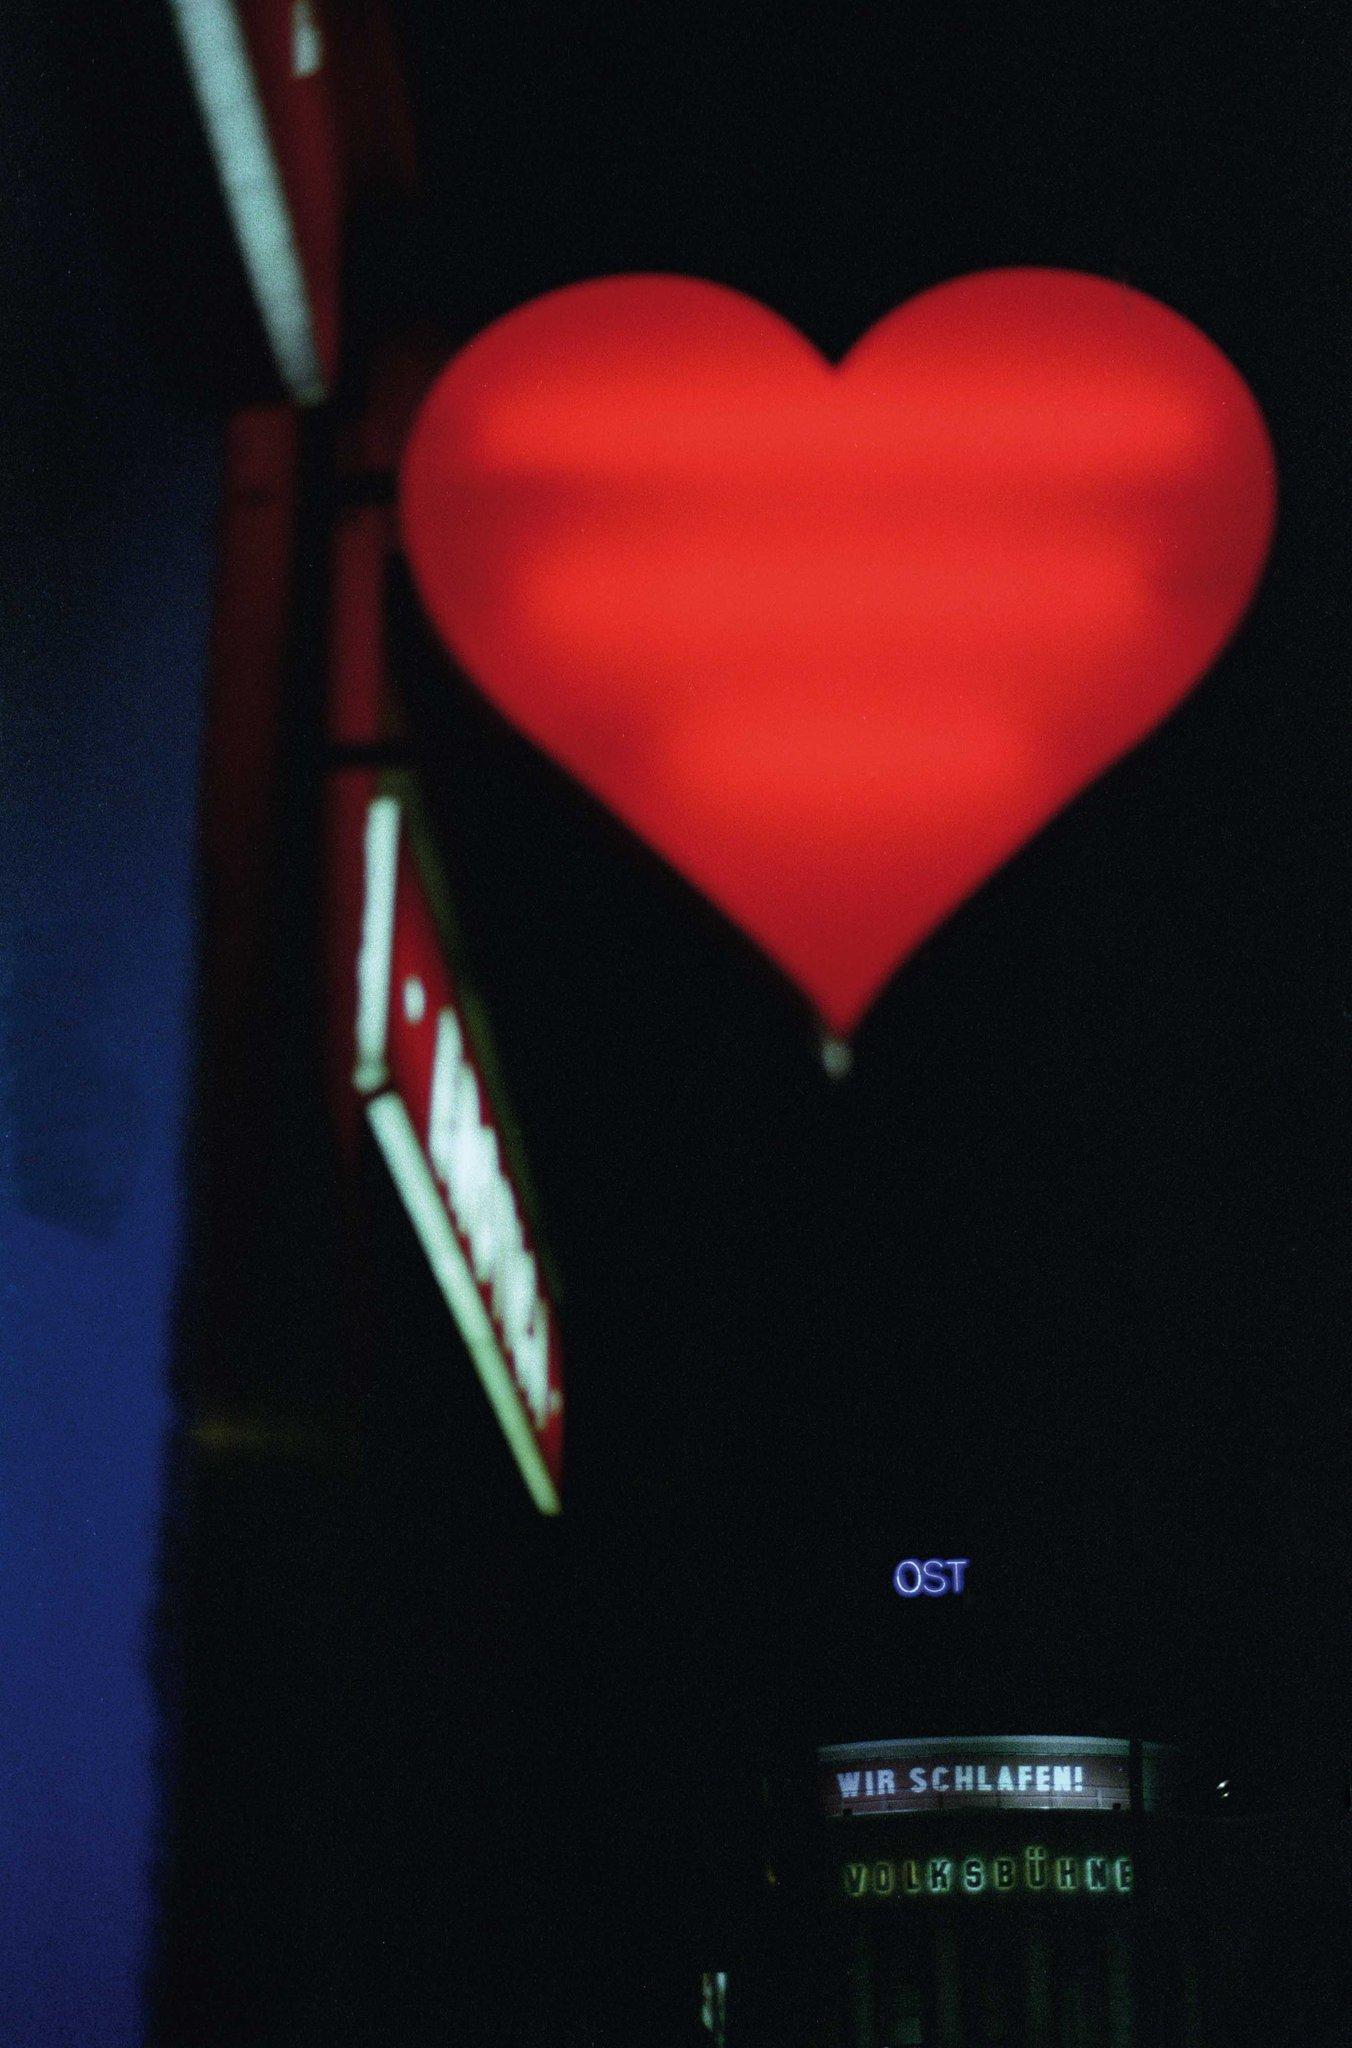 """Joyeuse Saint-Valentin ! A lire, """"Milo, ma Vénus"""" dans Polka #37, bientôt en kiosques. © Nicolas Comment, Courtesy Polka Galerie. https://t.co/yiJarCvgjh"""